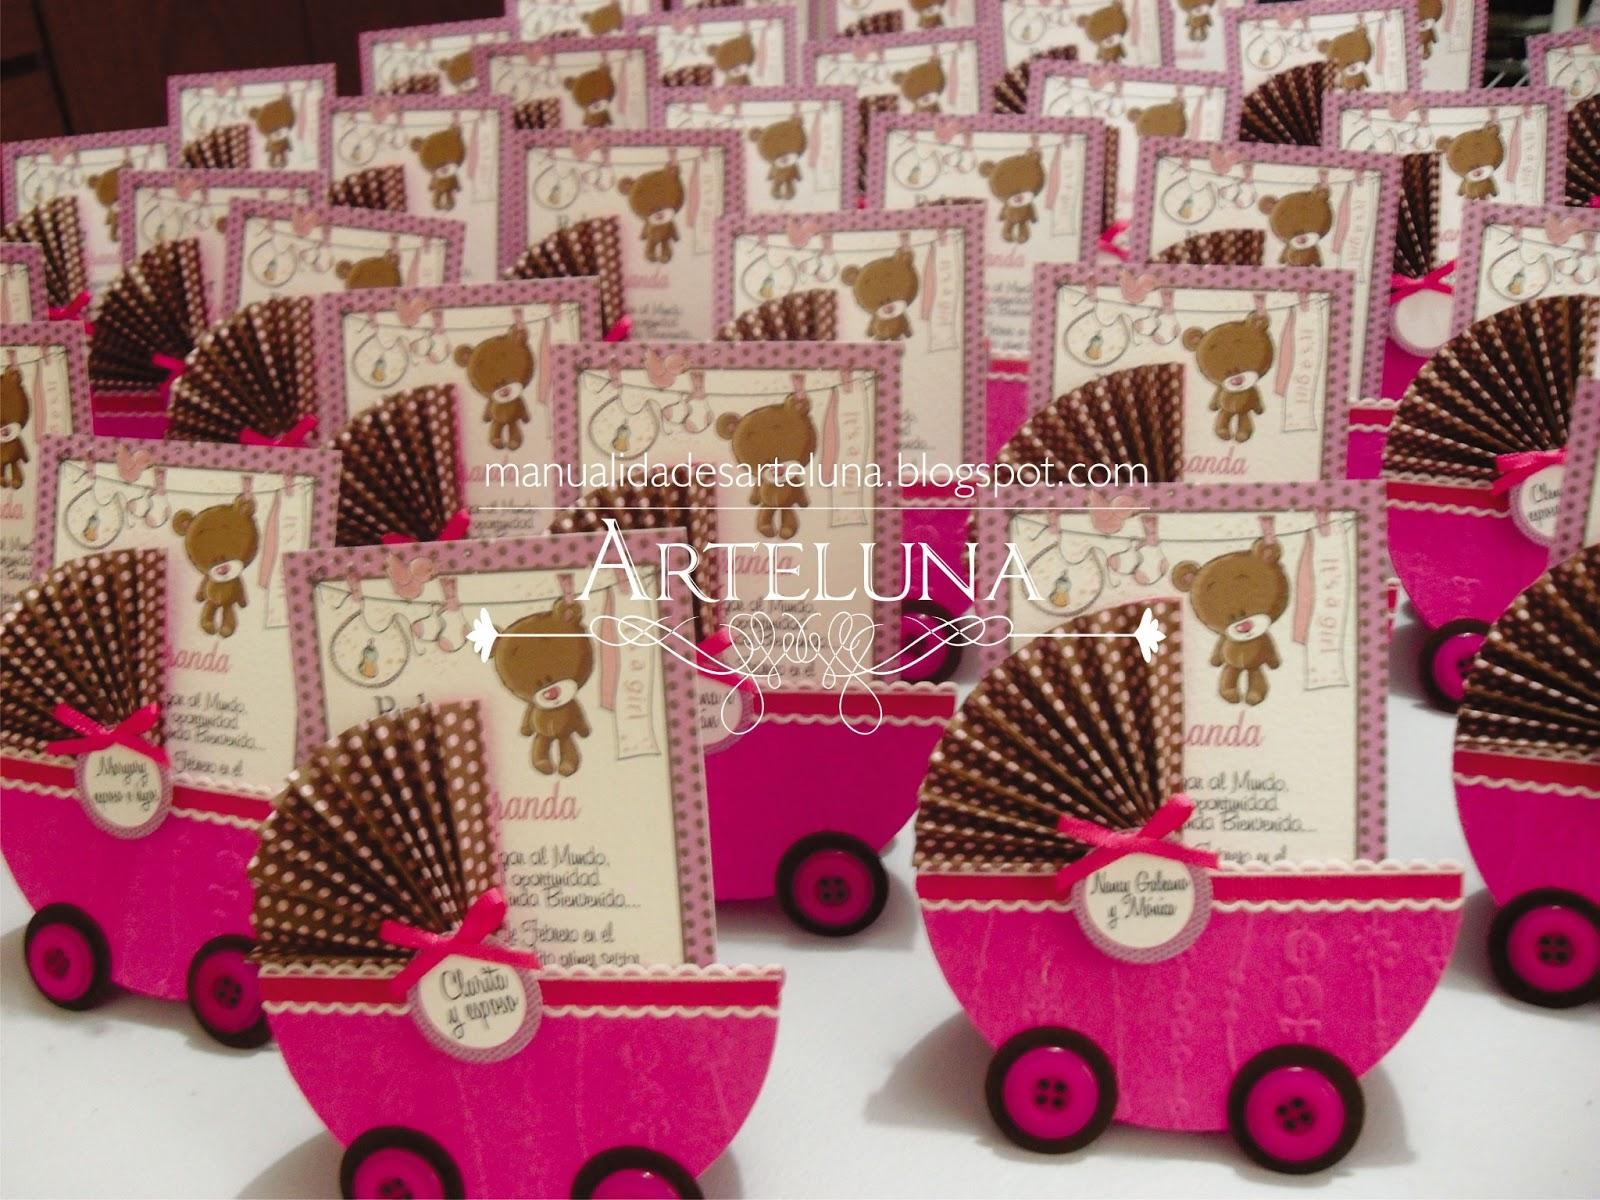 100 decoracion para baby shower de nina ideas - Decoracion baby shower nina ...